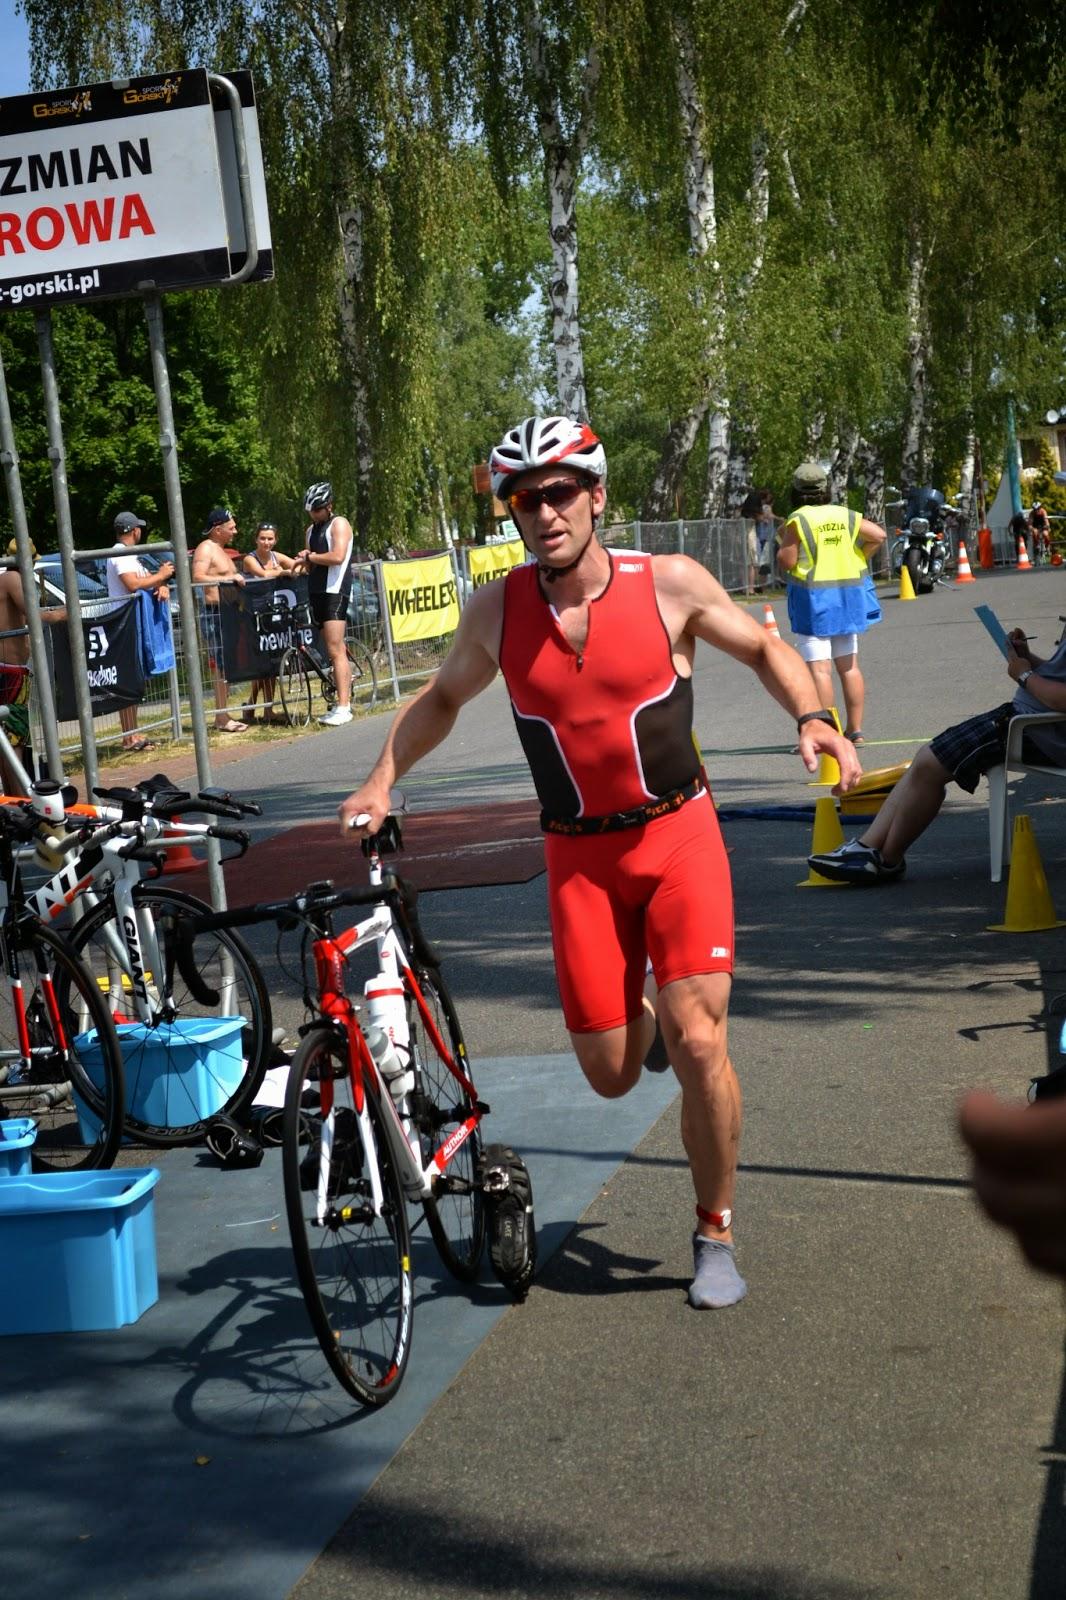 treningi, Zielona Góra, Iron Man, triathlon, Sława, XXX lat, sport, biegi, pływanie, jazda na rowerze, sprint, Przybysław Połoński